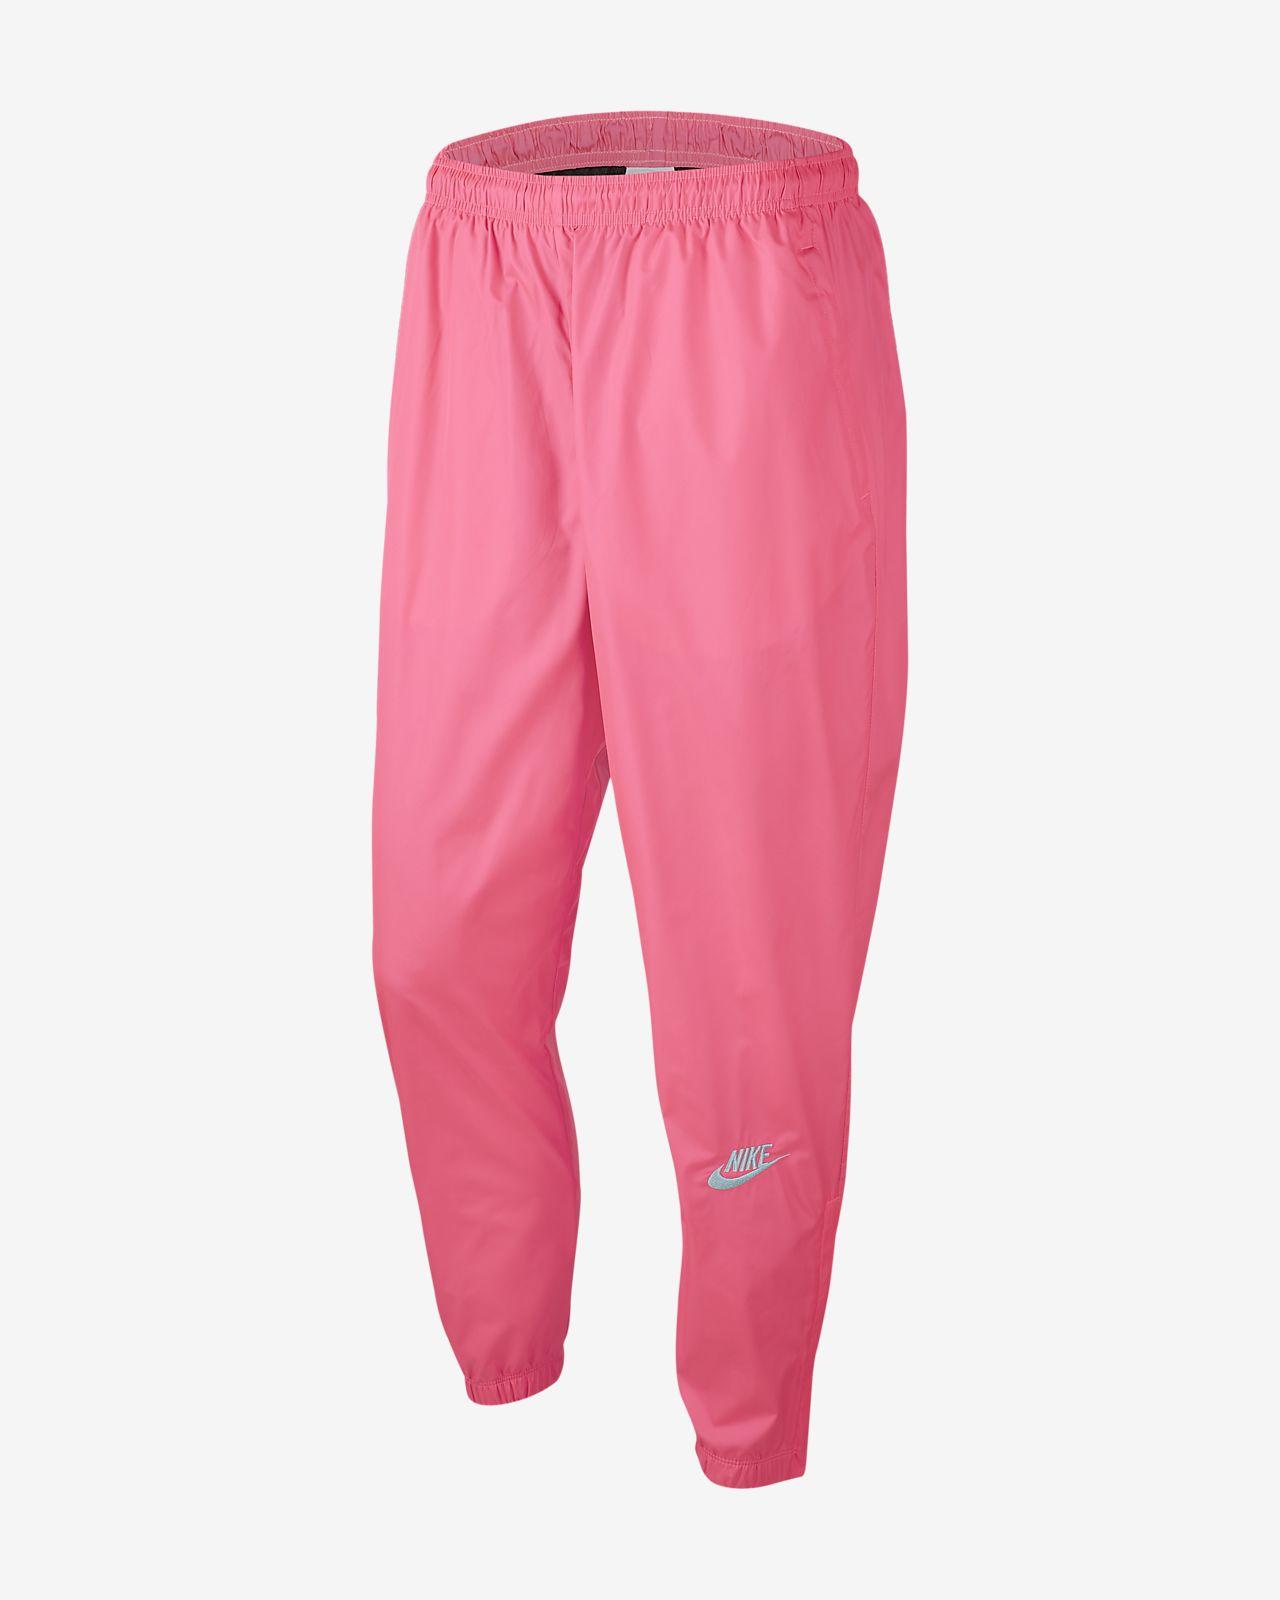 Pantalones de entrenamiento para hombre Nike x atmos